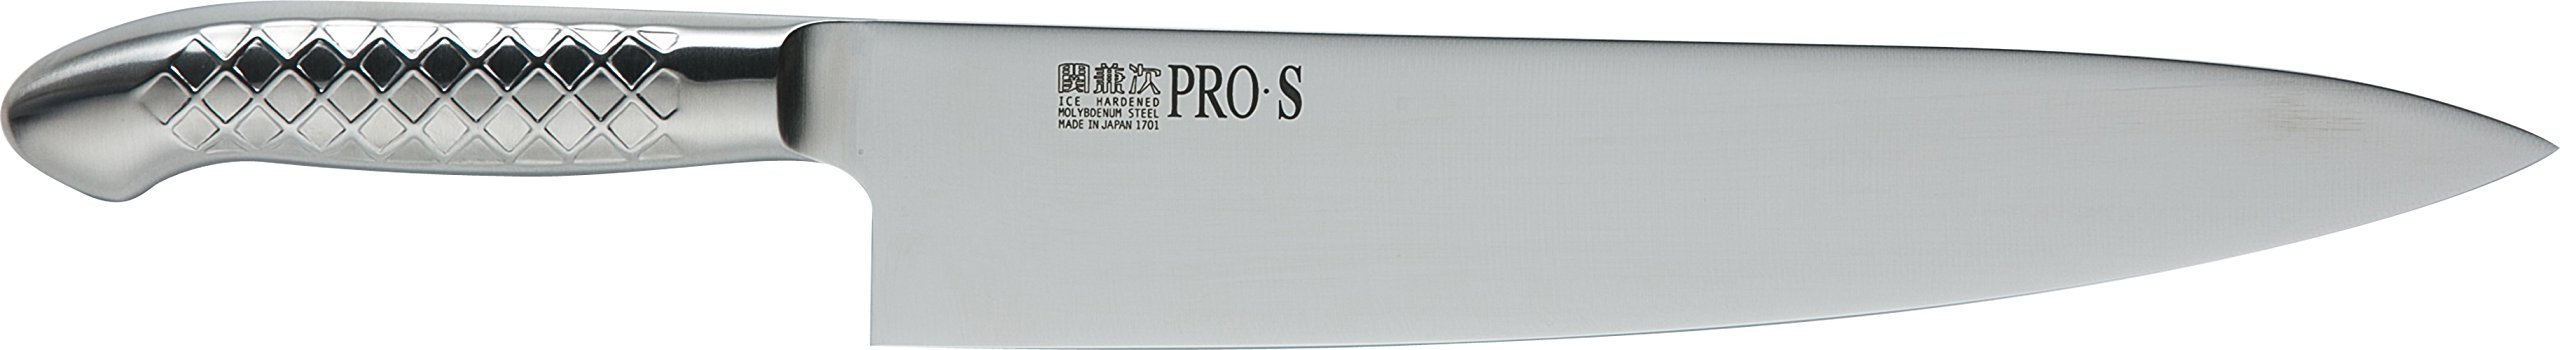 関兼次 Seki Kenji Hamono Japanese Knife Kitchen Knife PRO Molybdenum Steel Stainless Steel Made in Japan (Beef Sword 270mm, PRO · S)